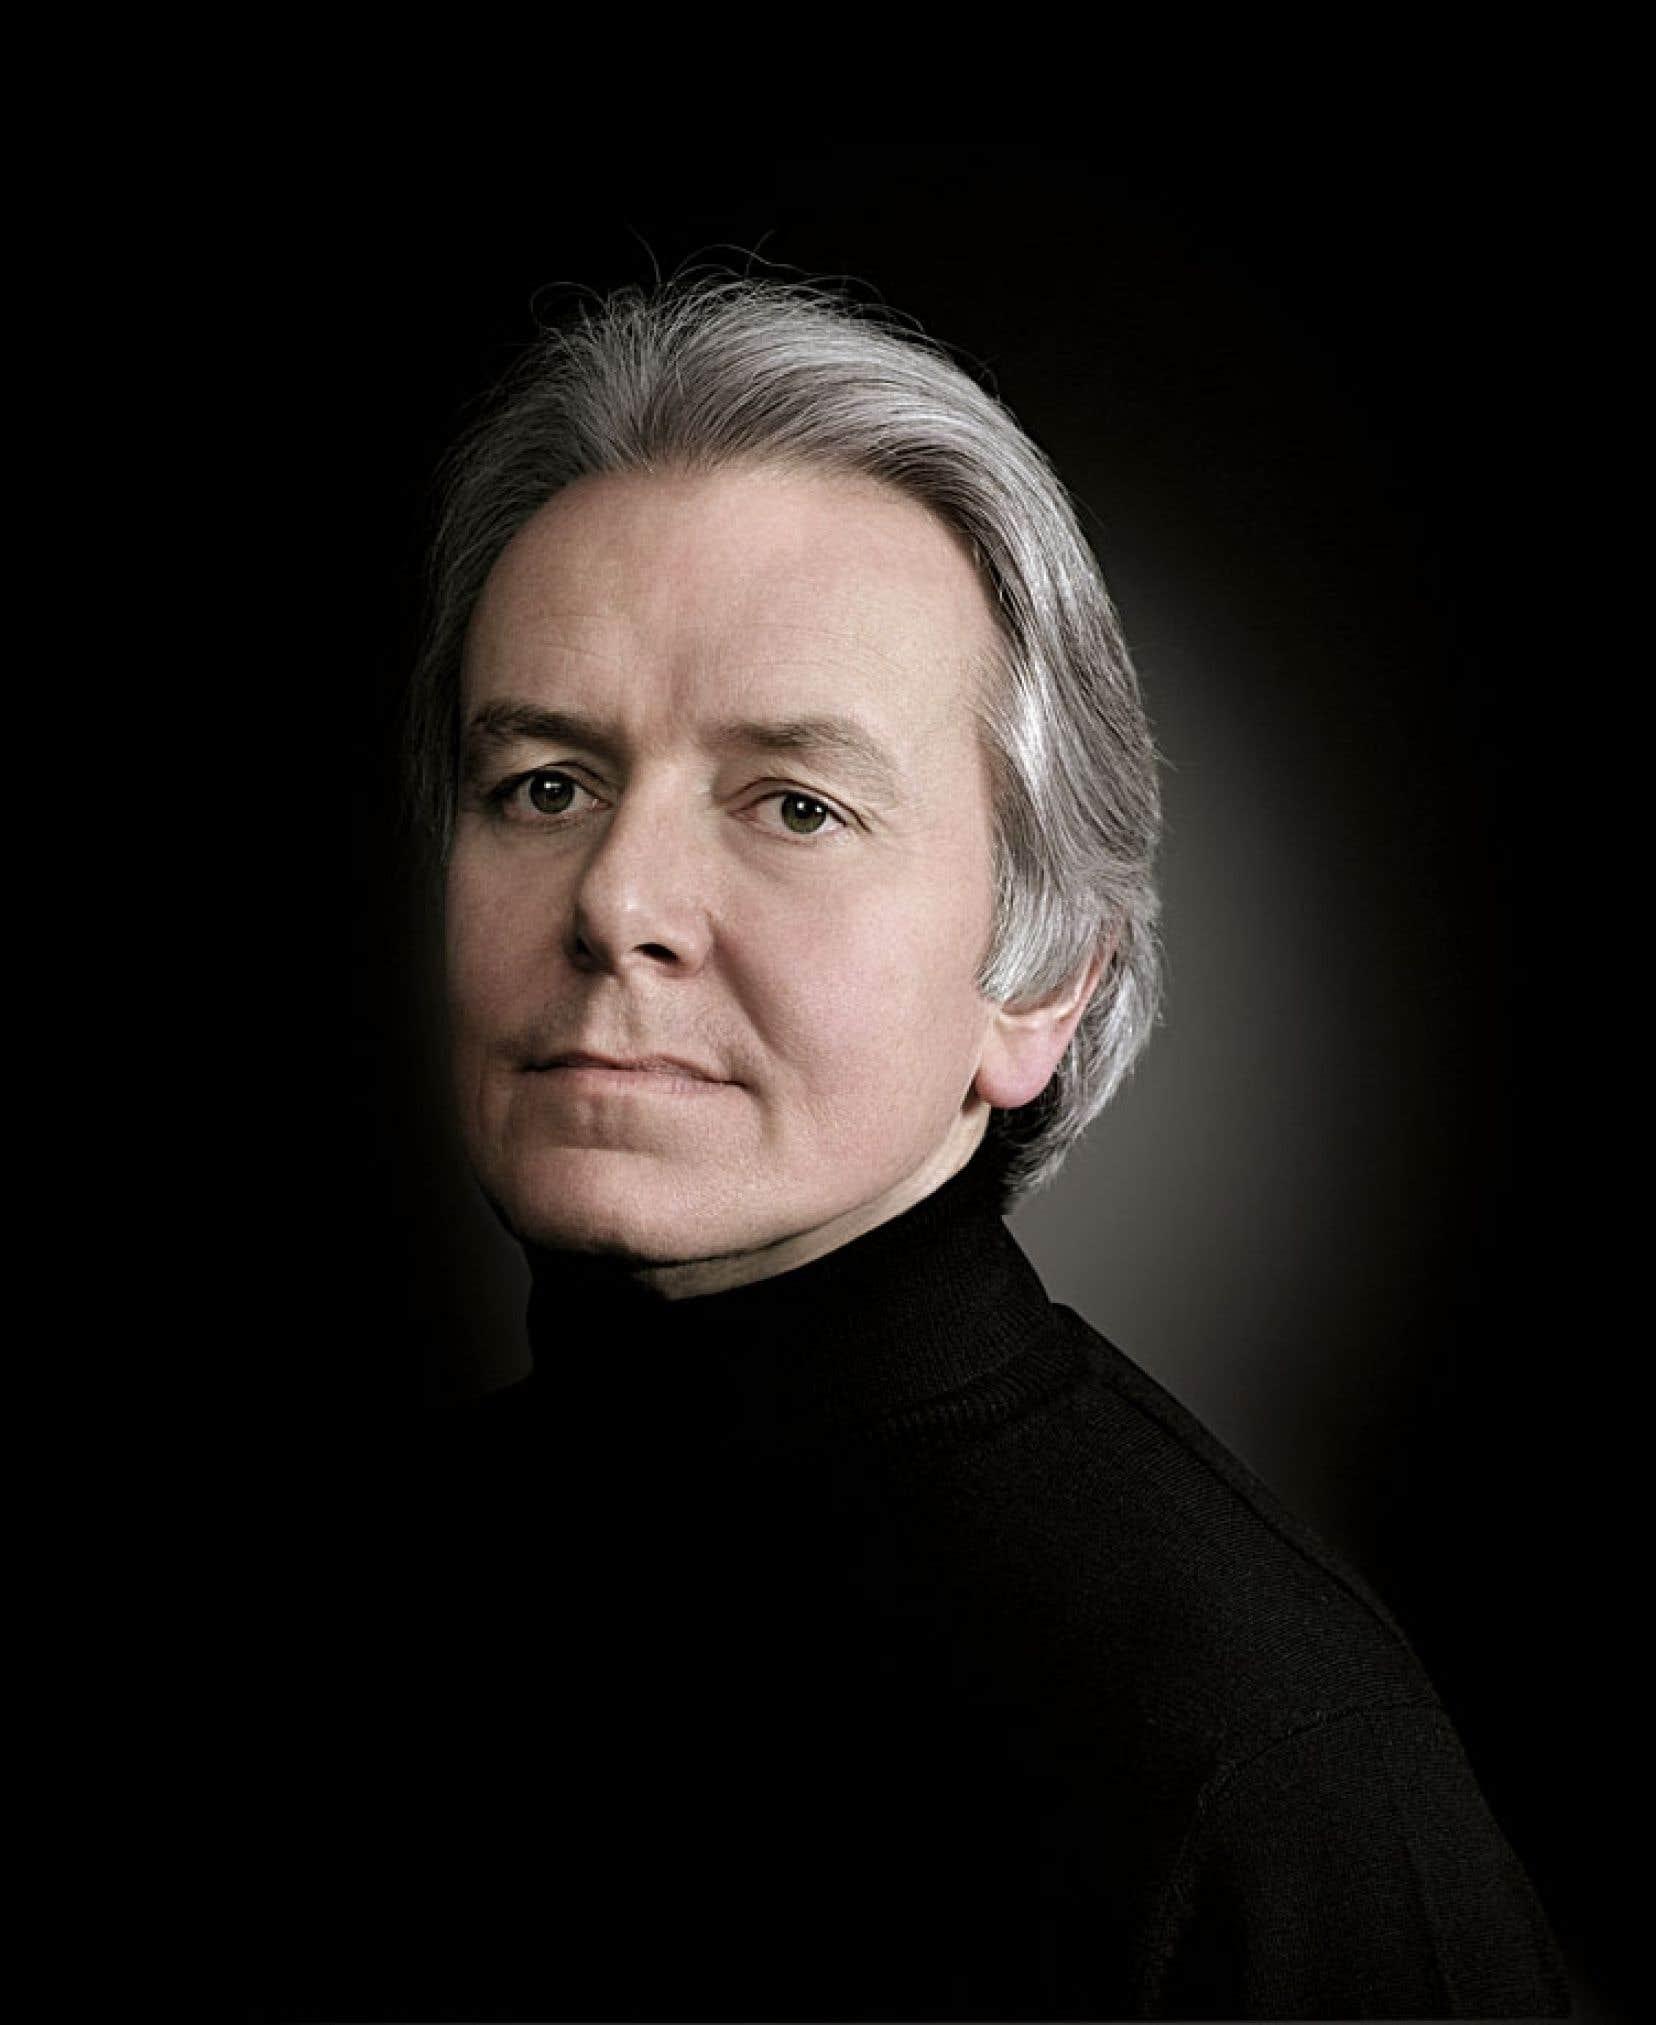 Christian Blackshaw jouera les Sonates K. 333, 498a, 576 et 533/494 de Mozart.